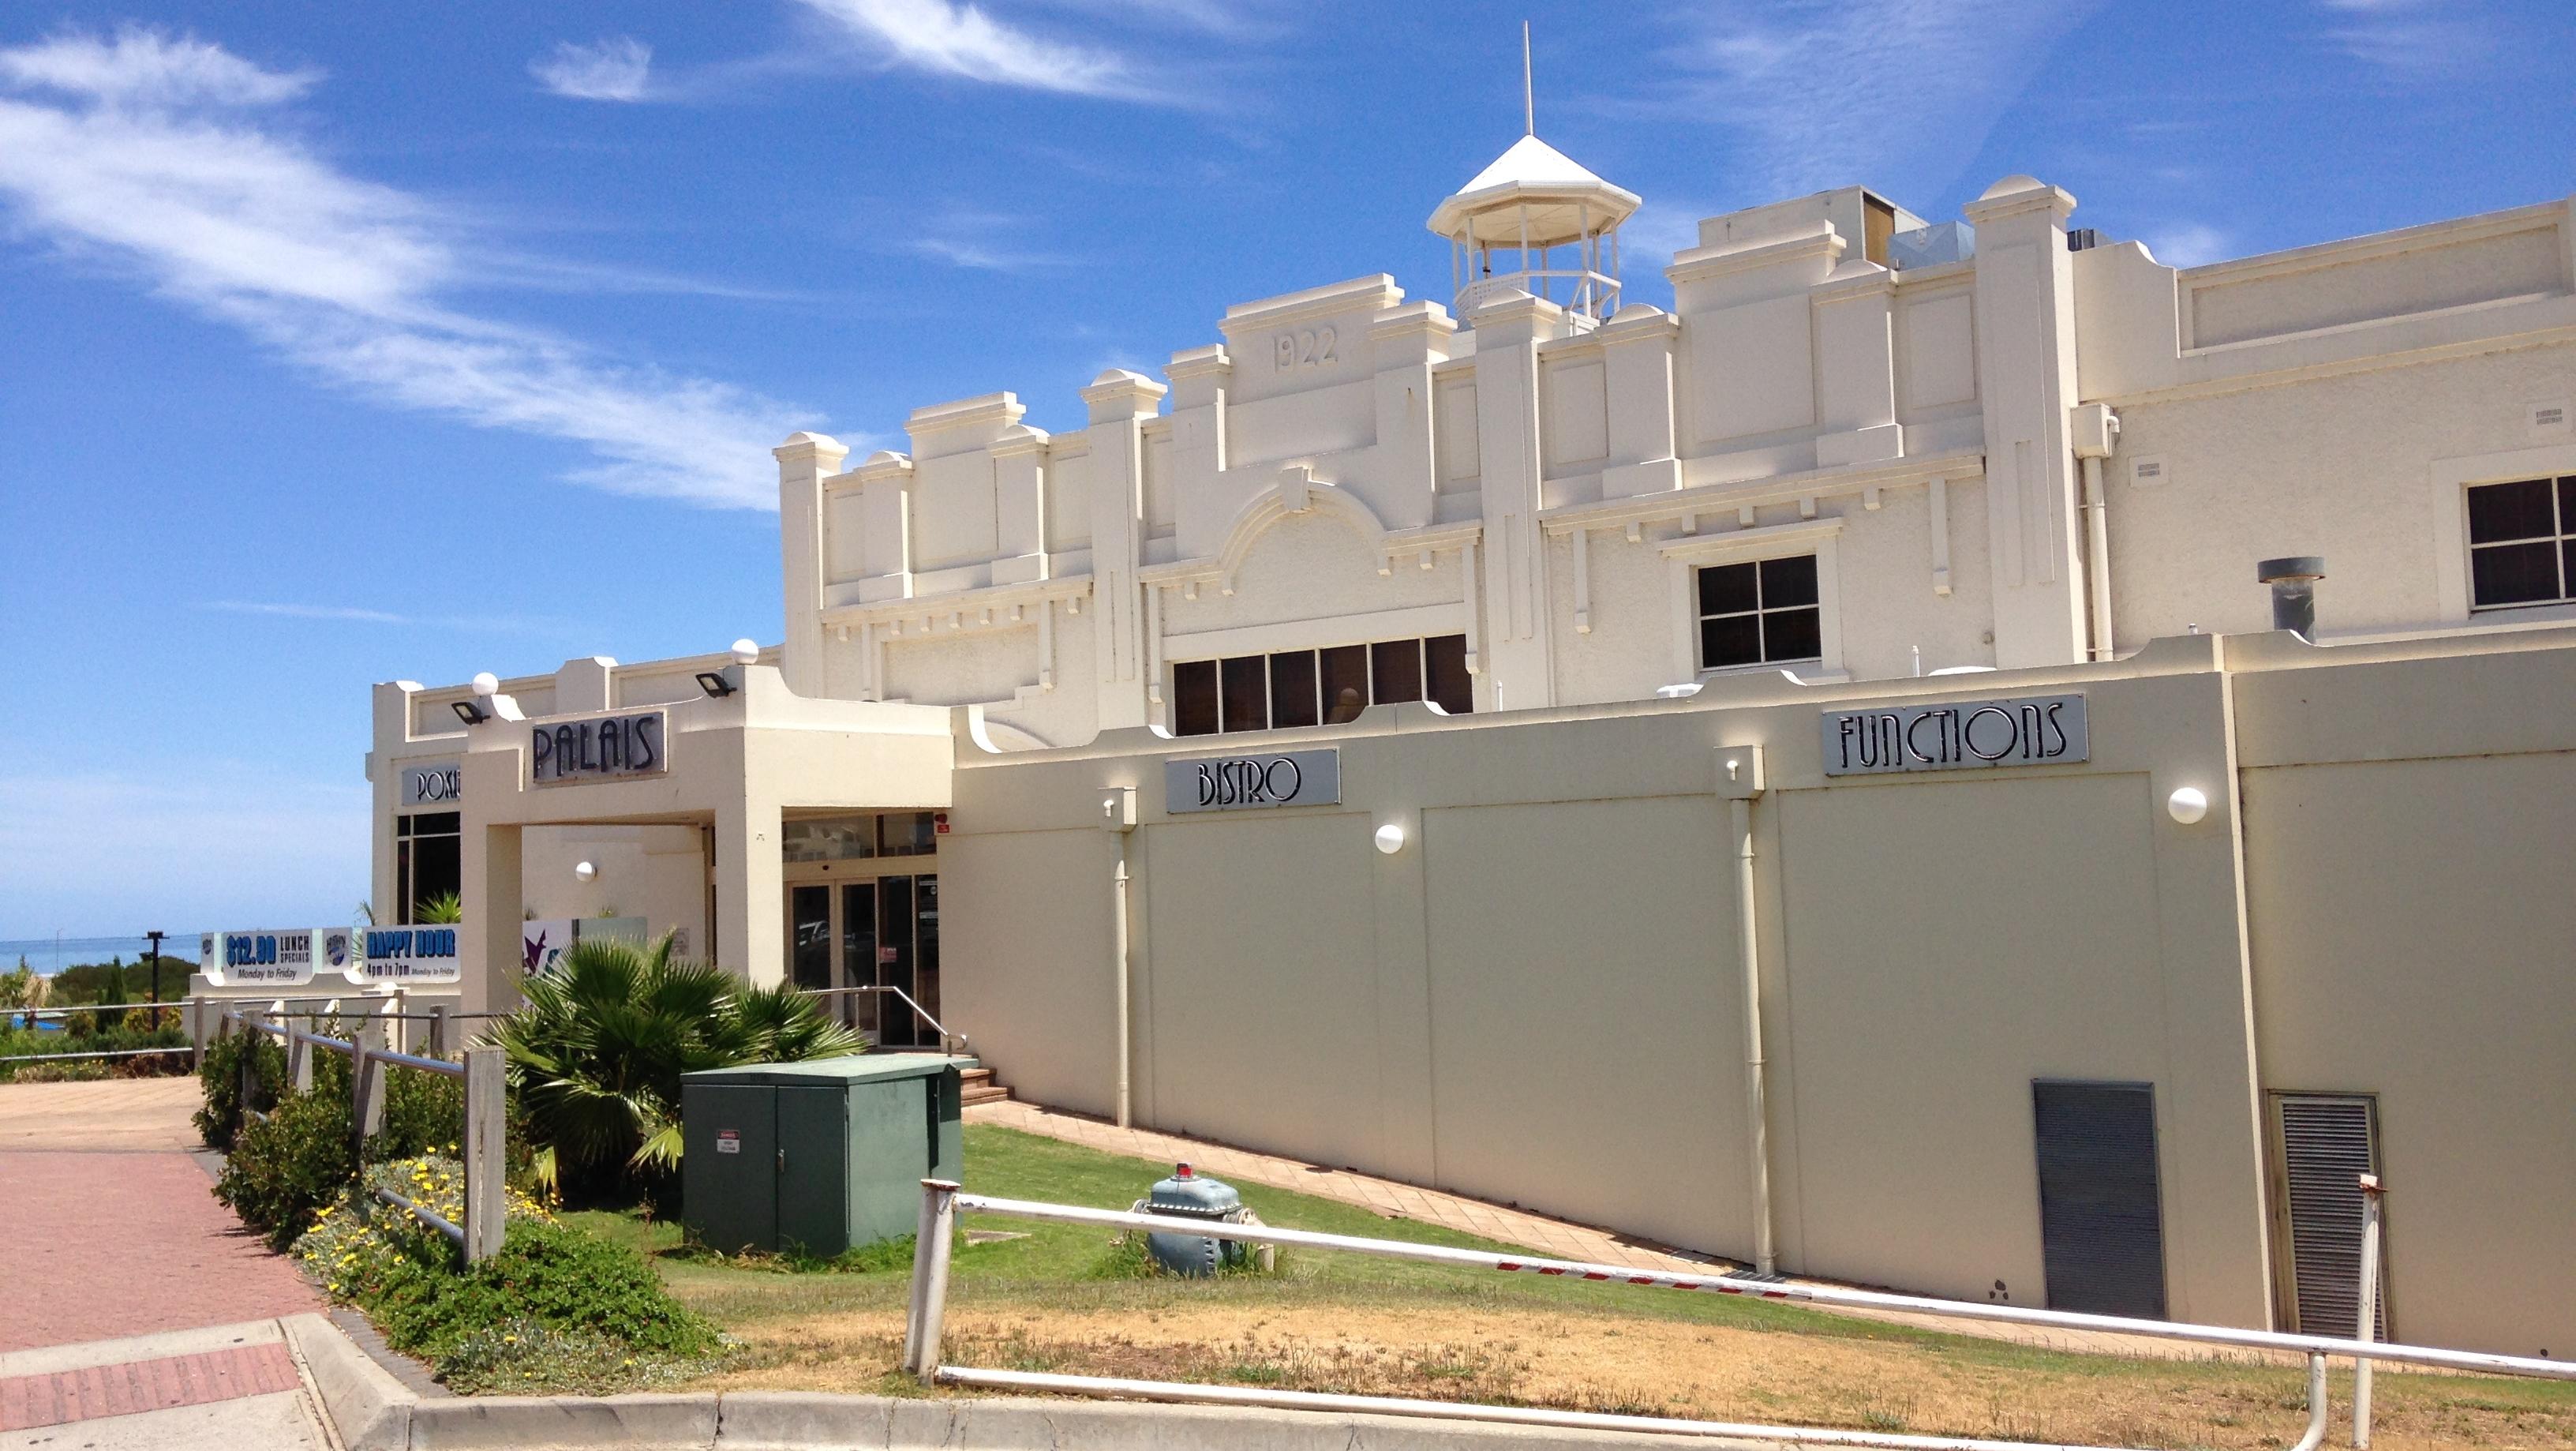 mydimport-1596538606-hires.5366-SA-Adelaide-Semaphore-Palais-Hotel-21.11.2014.jpg